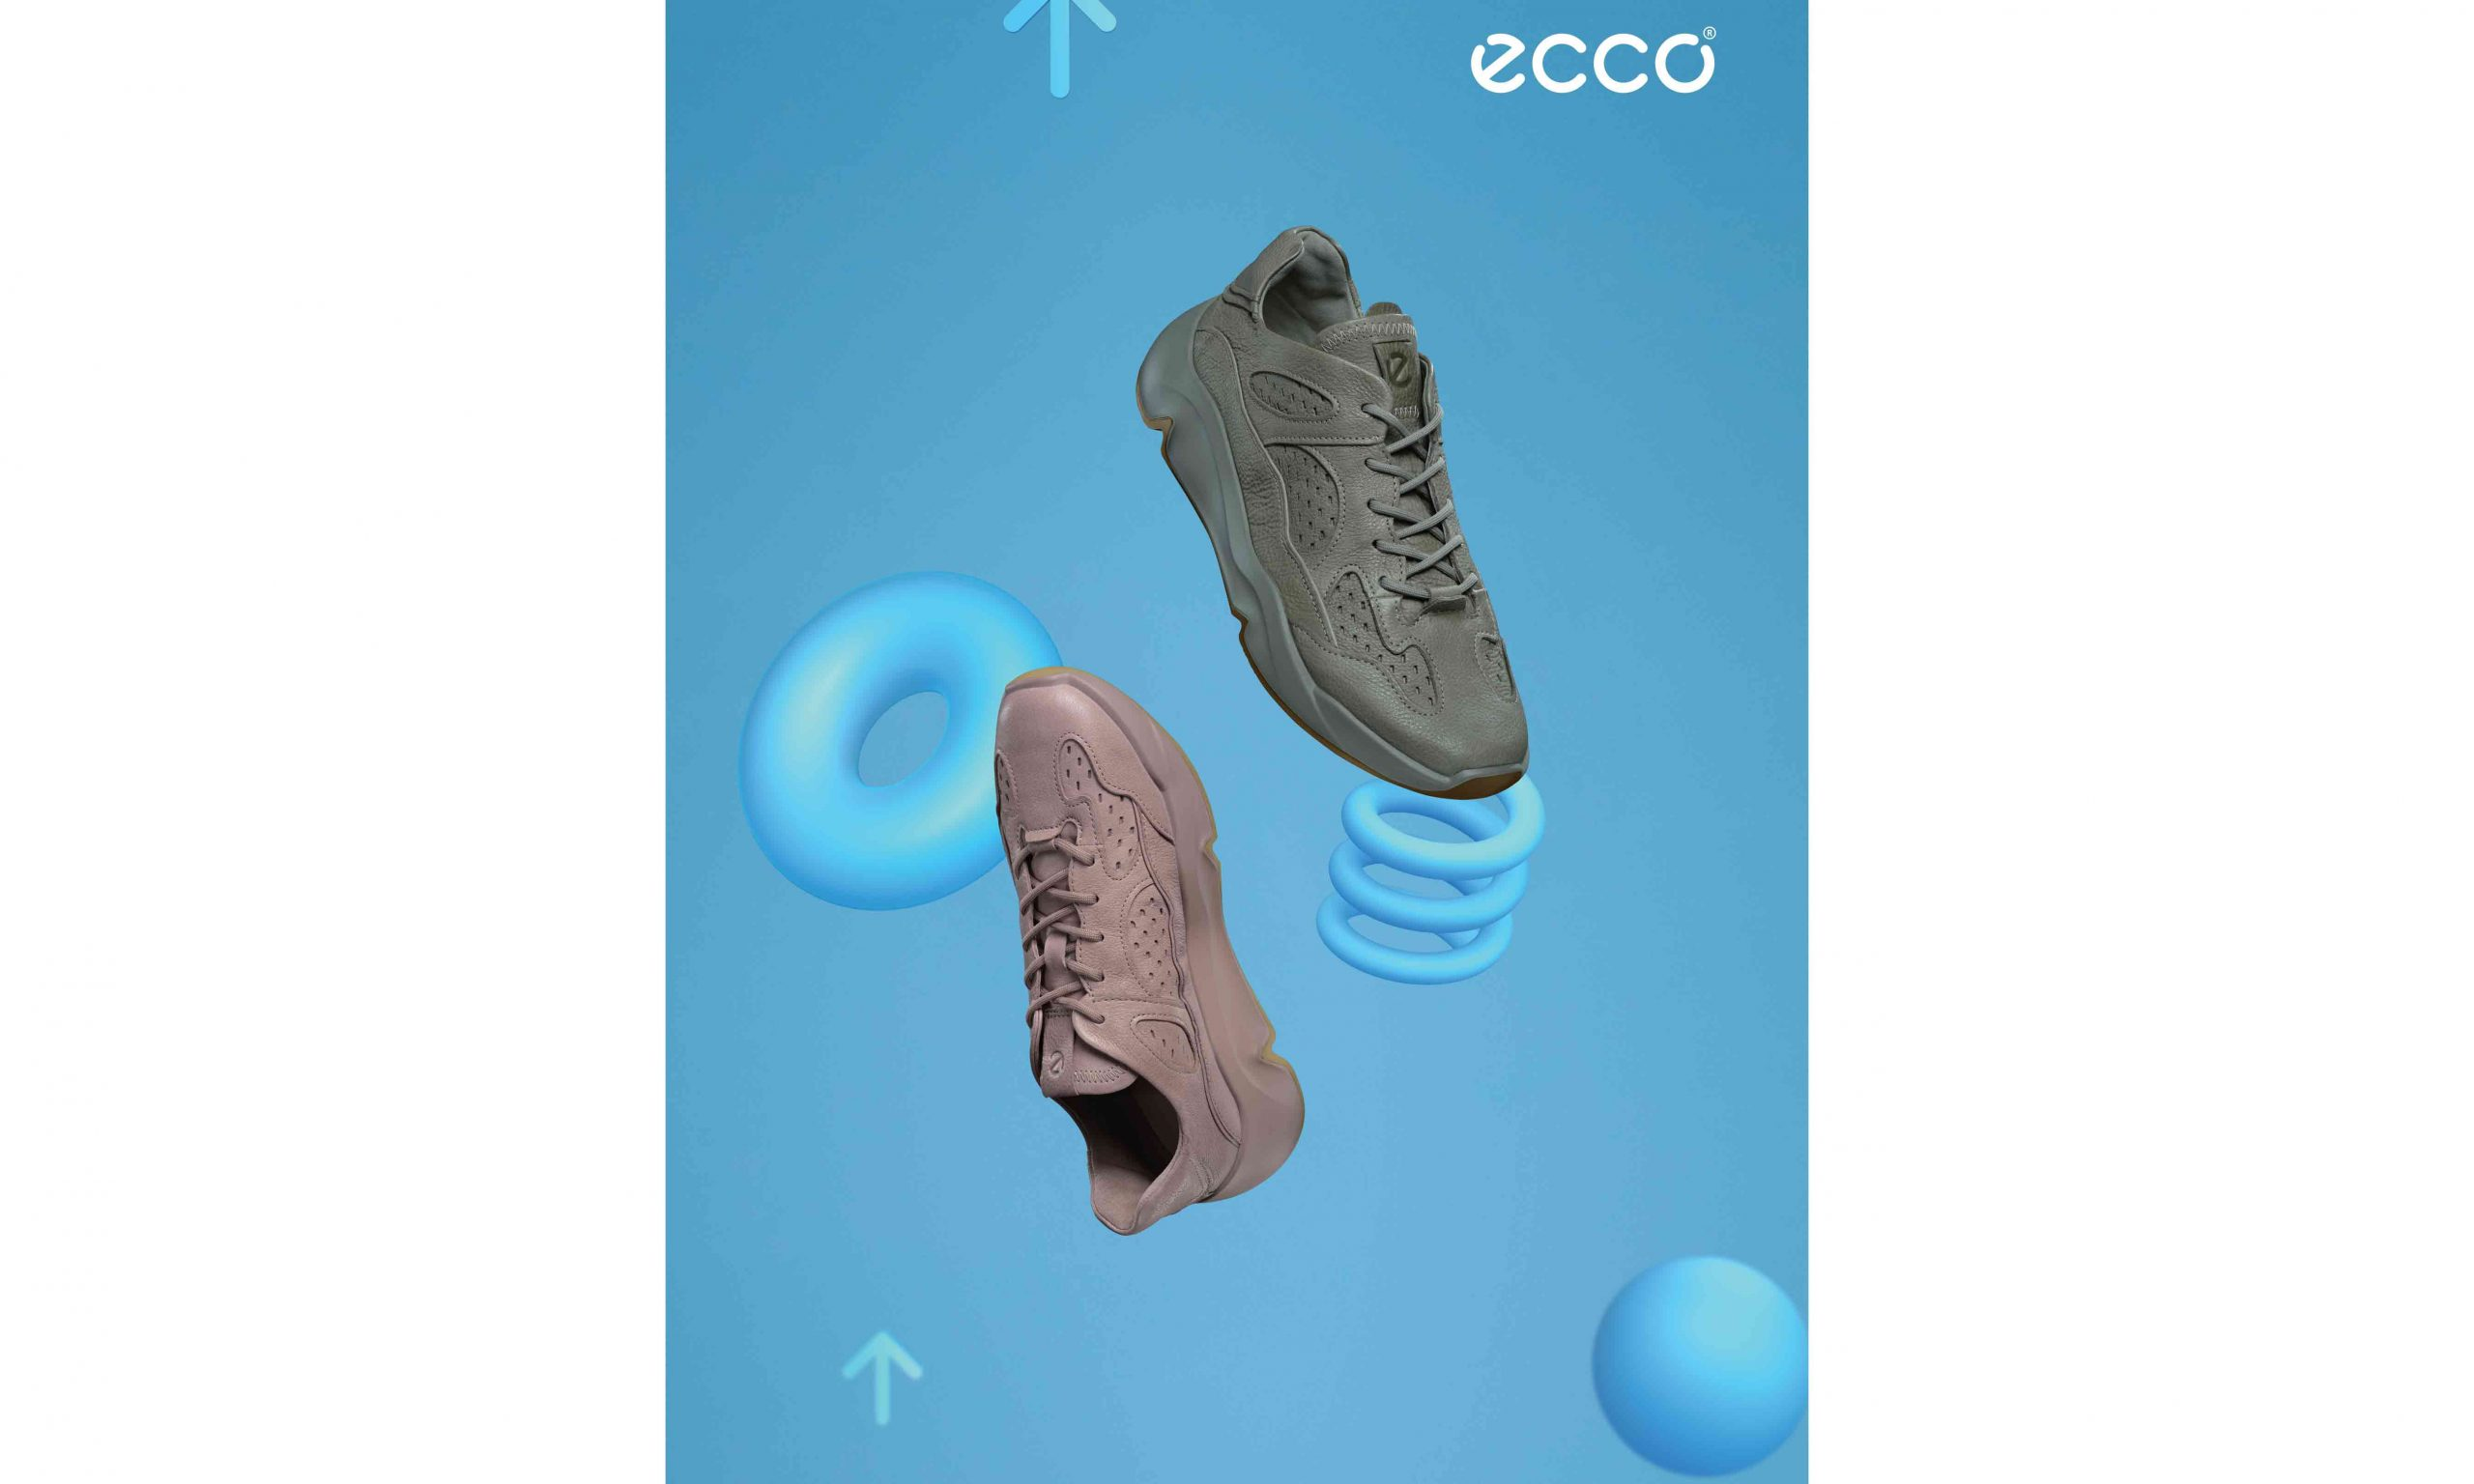 放我趣 HIGH,ECCO CHUNKY SNEAKER 潮趣系列登场